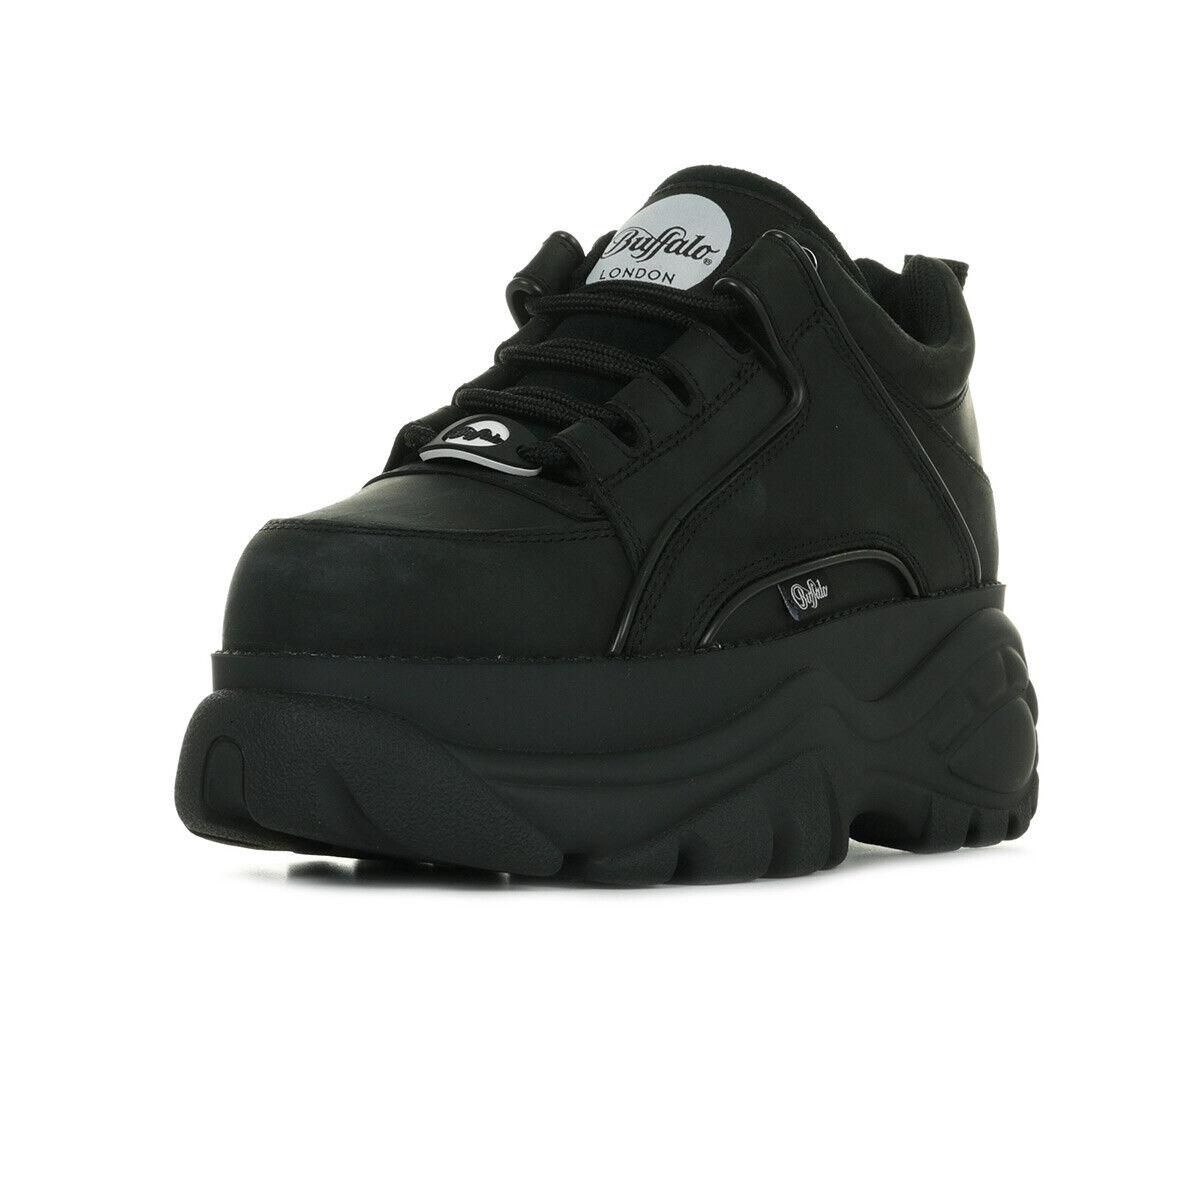 Buffaloskor skor klassiska läder kvinnor storlek svart läder svarta svarta svarta skosnören  billig butik